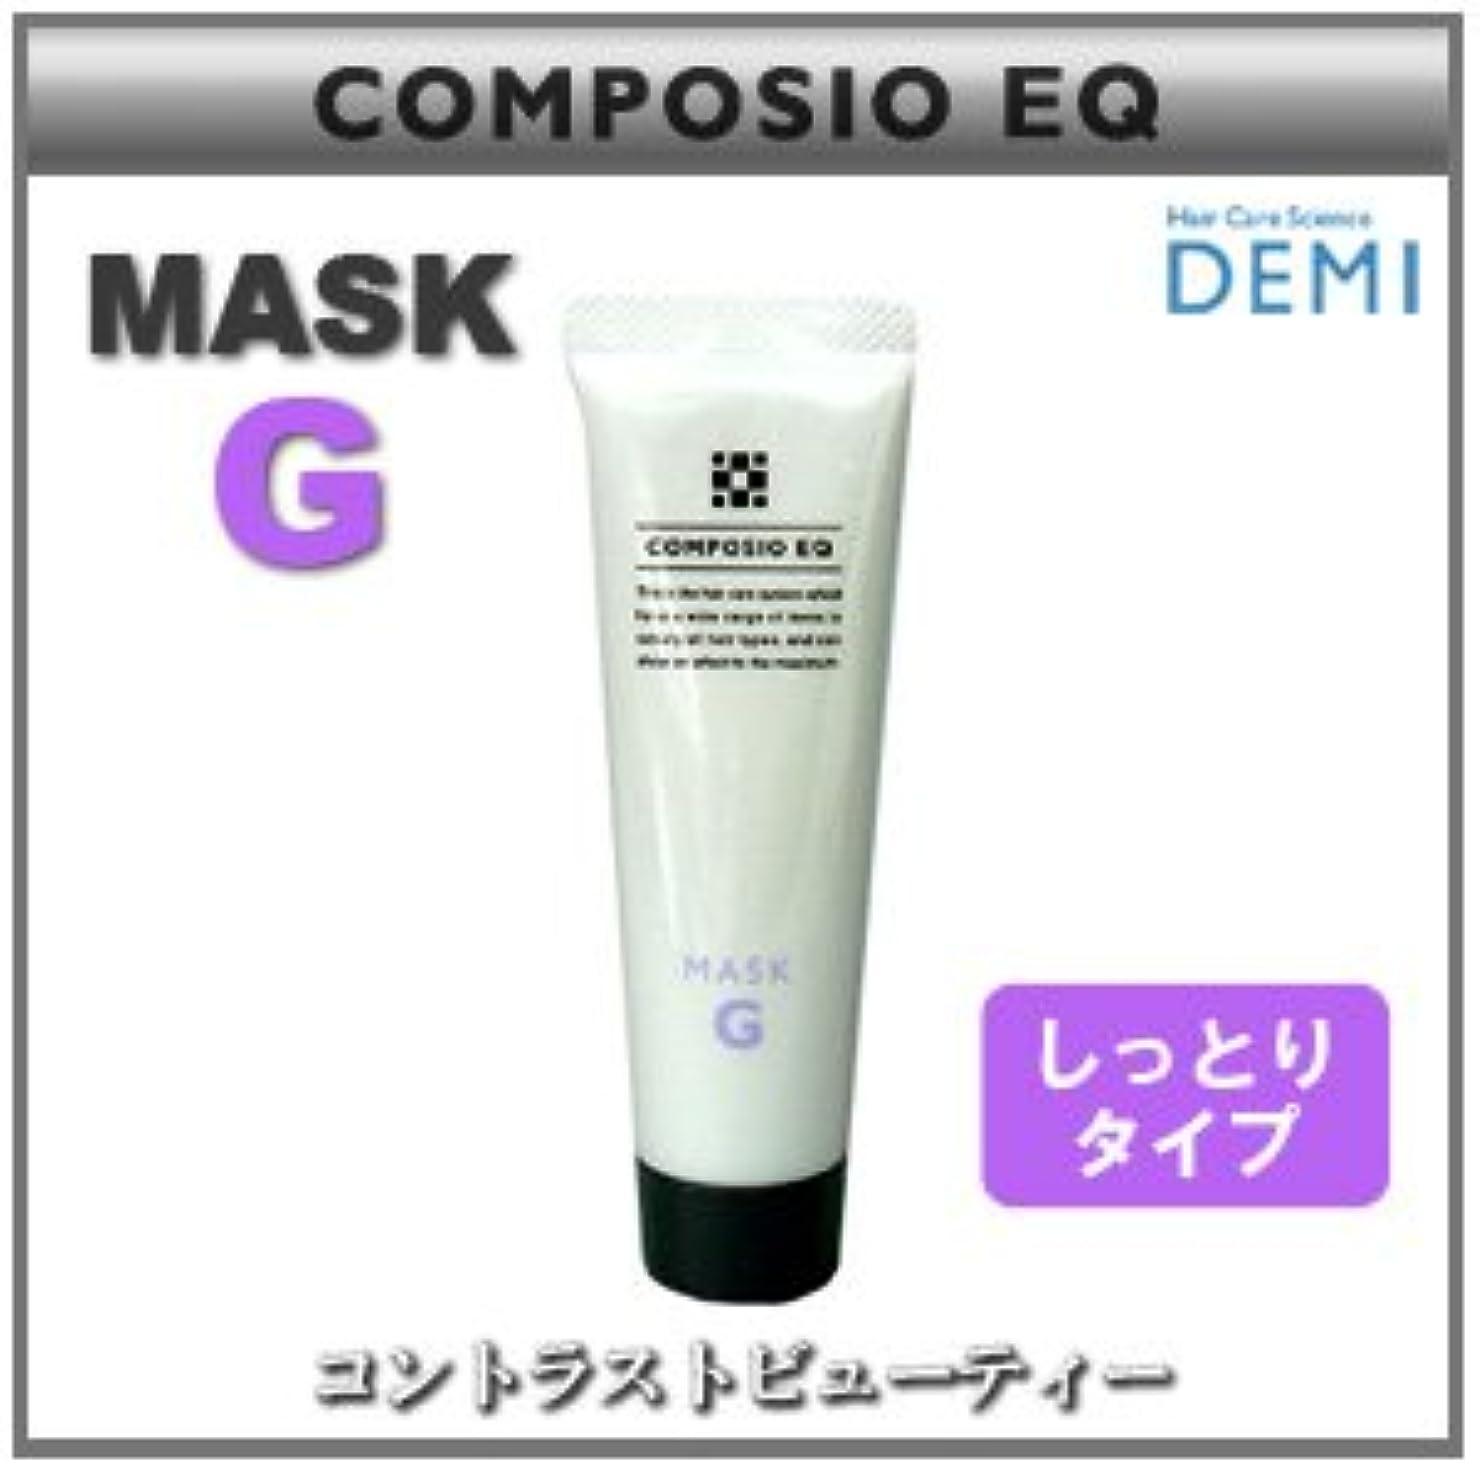 シアーイヤホン建てる【X3個セット】 デミ コンポジオ EQ マスク G 50g